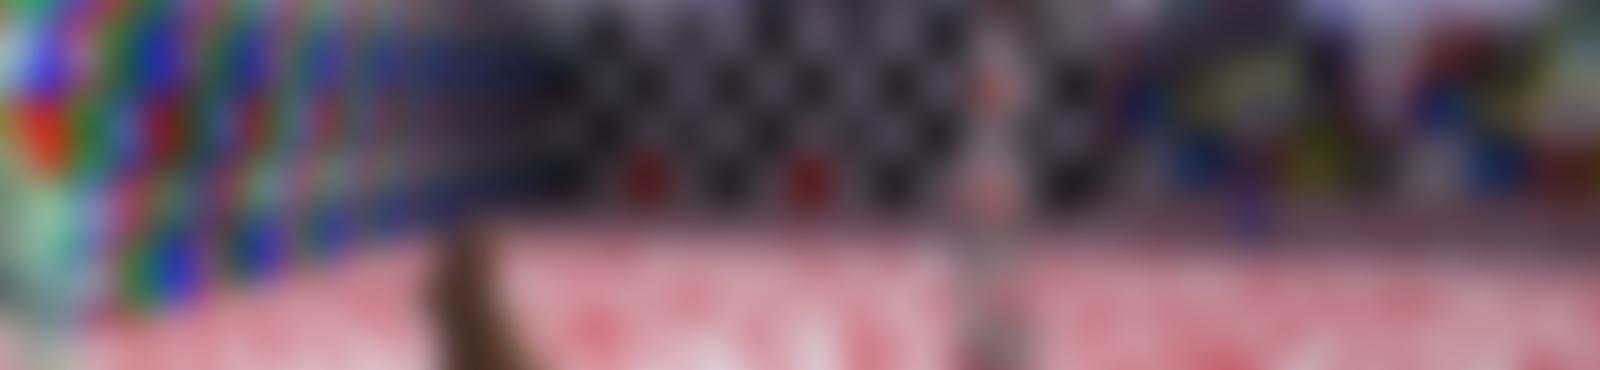 Blurred 6e1ec8d5 759a 4d1a 811b c574e5fa3d02